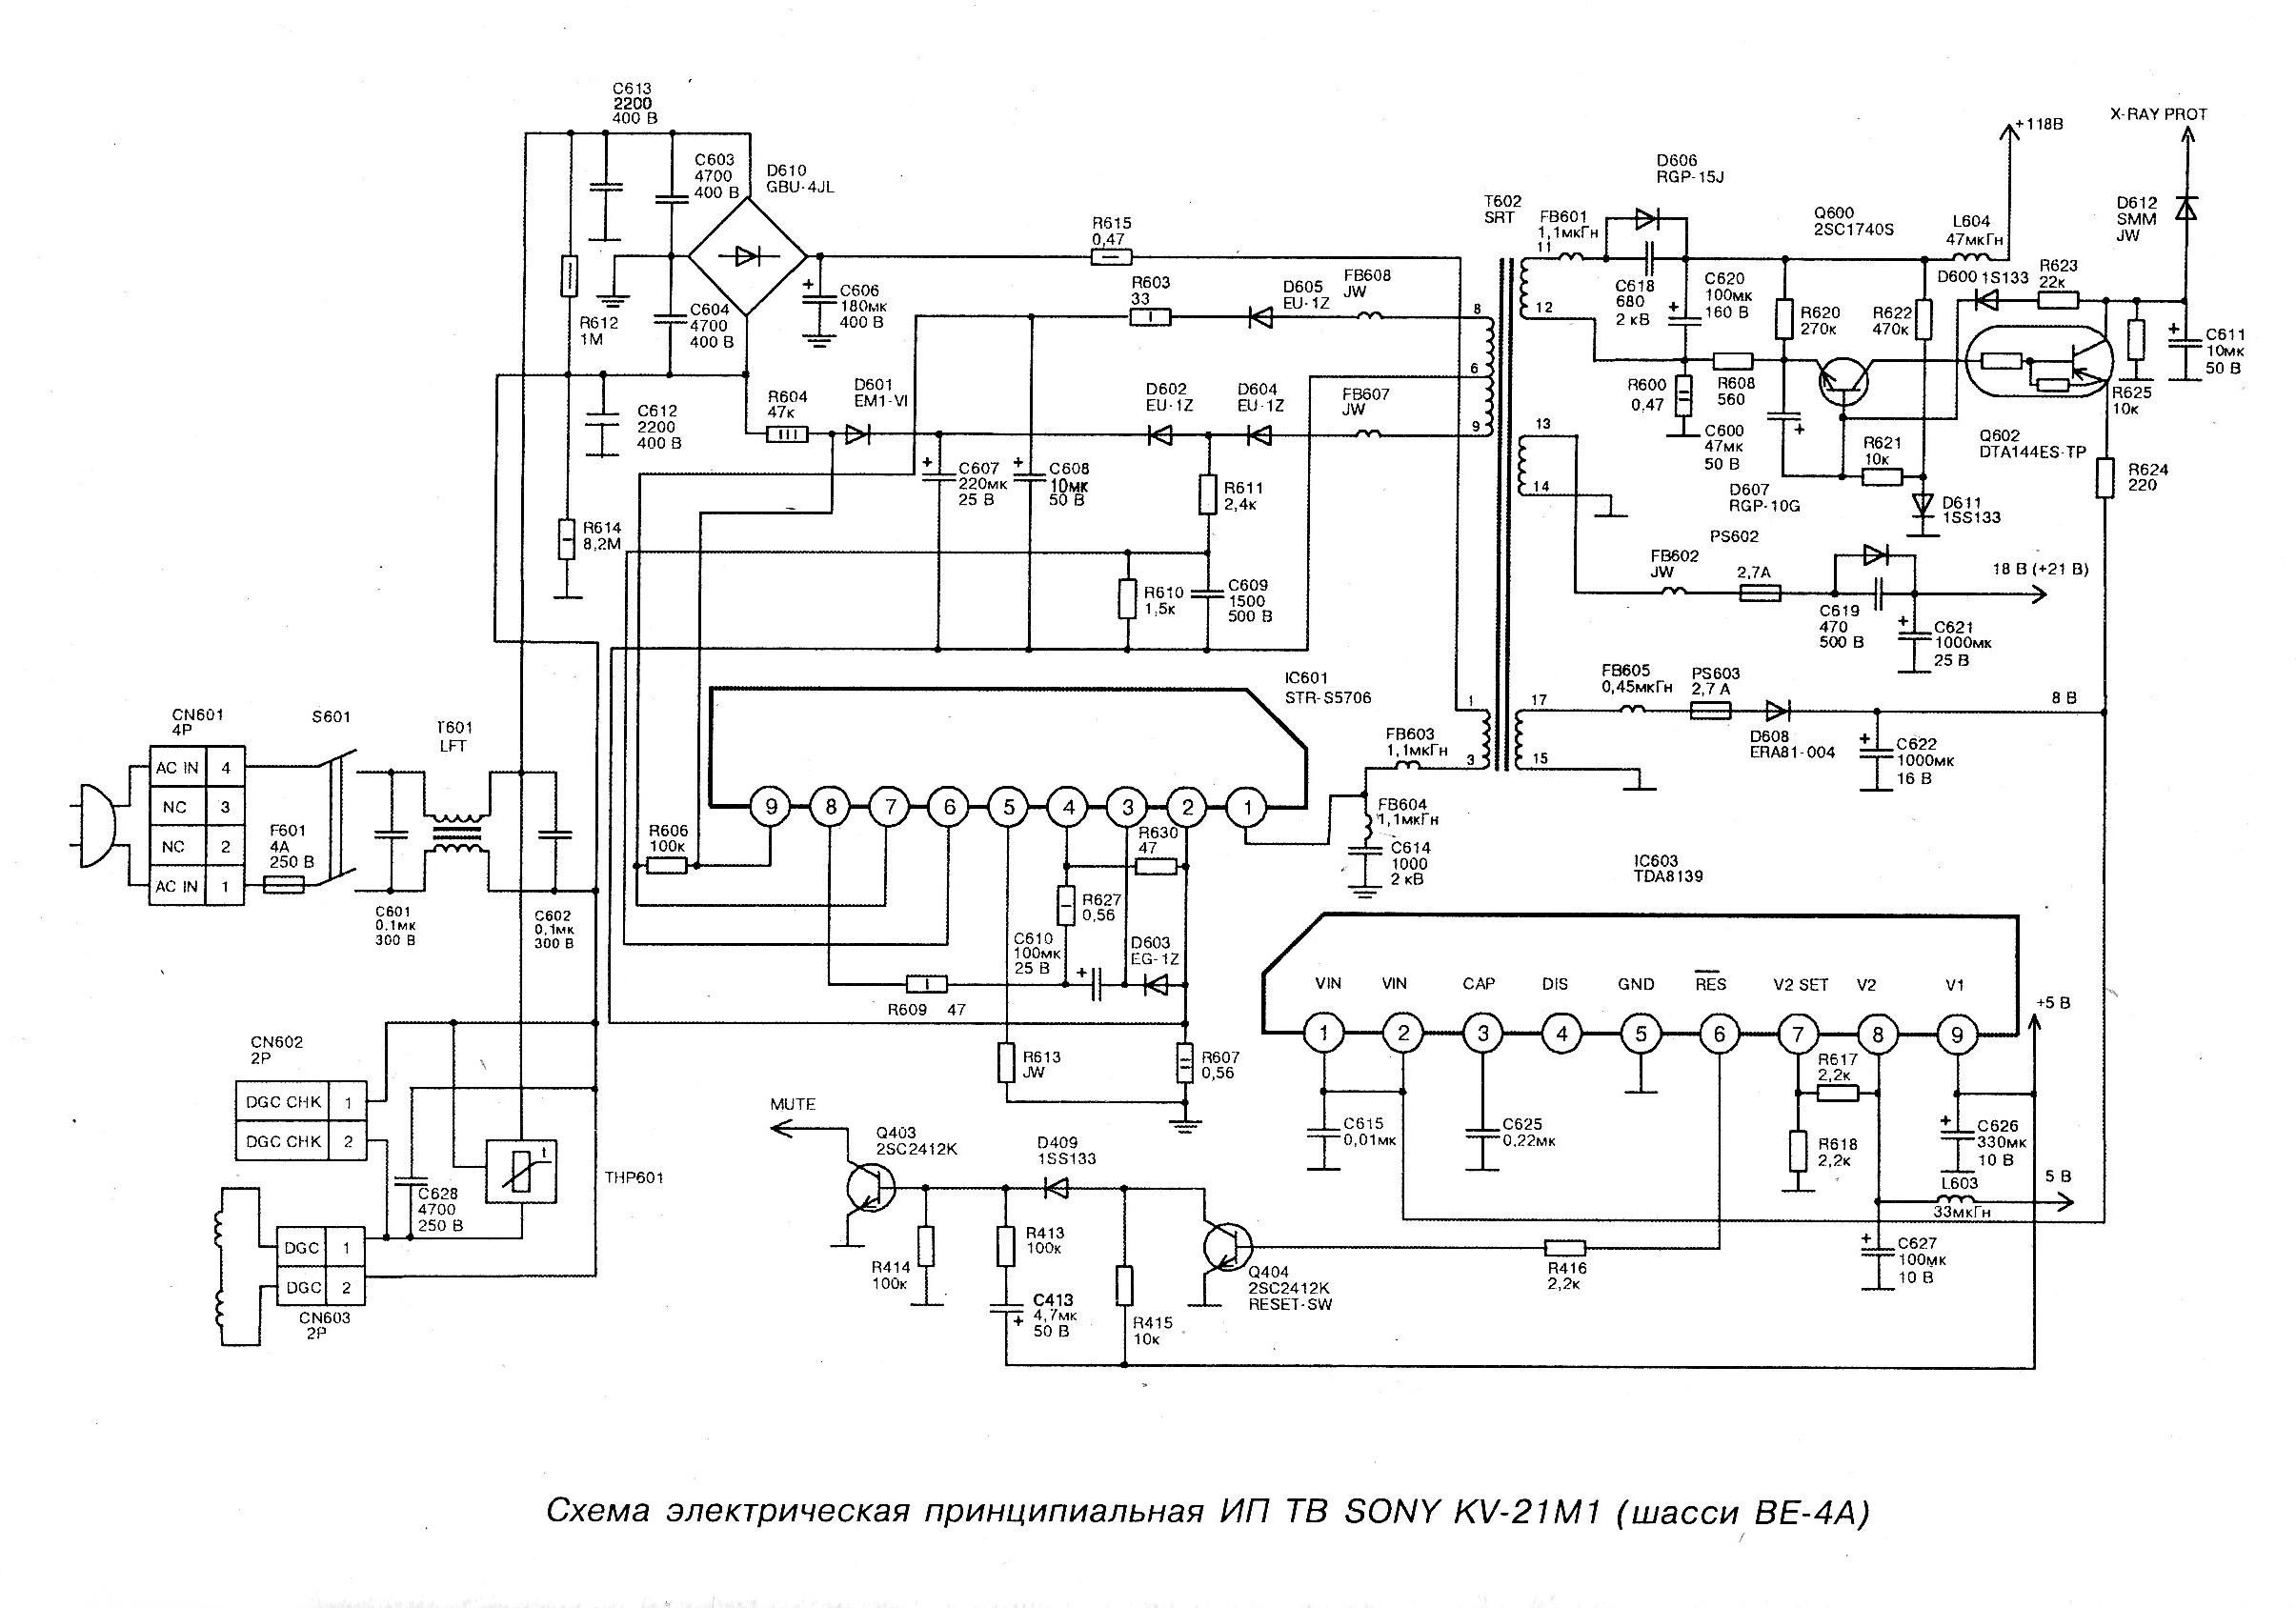 Схема телевизора сони бравиа фото 169